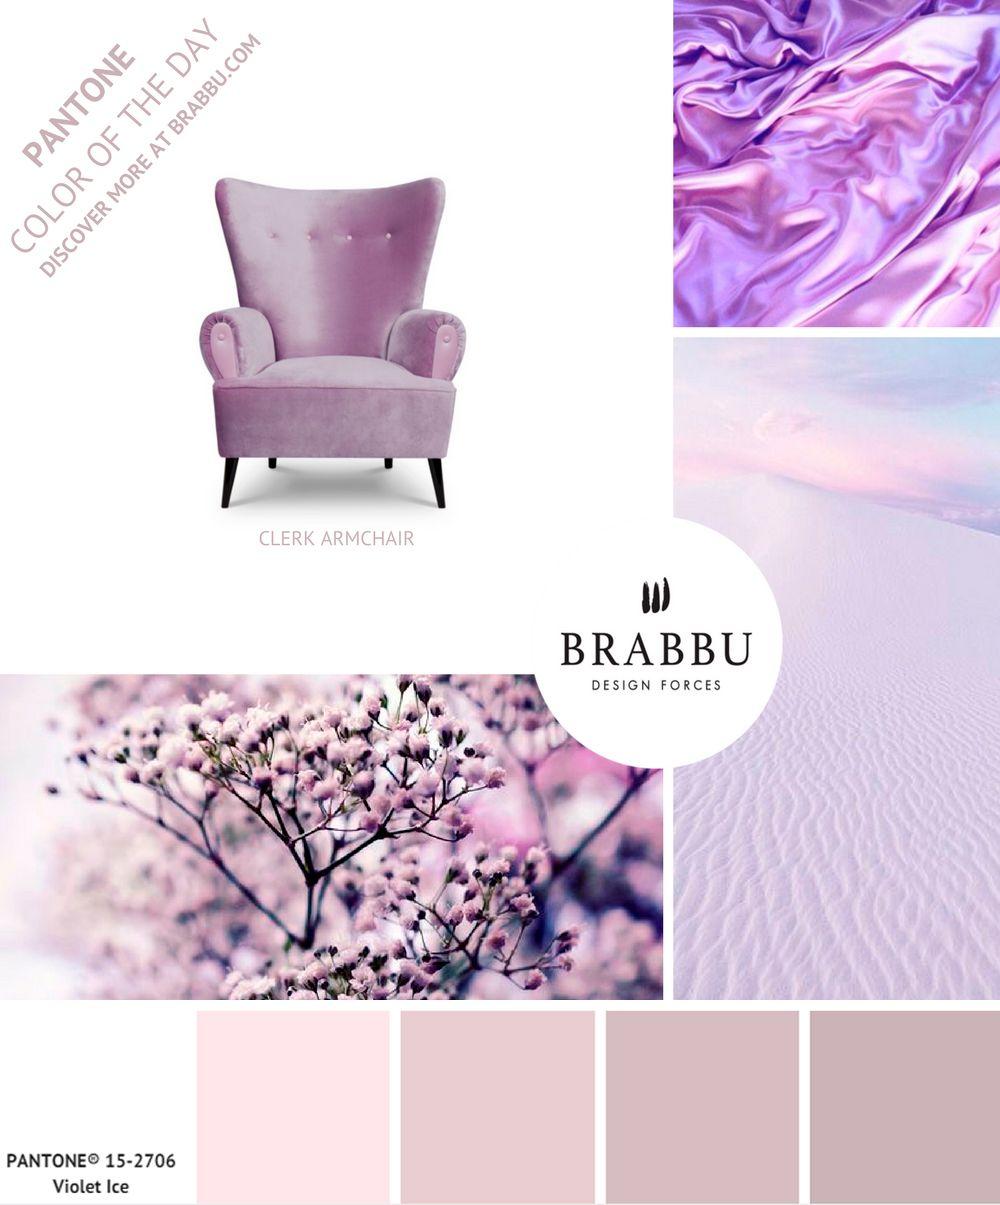 trouvez de l 39 inspiration avec la couleur pantone du jour violet ice projets de d coration d. Black Bedroom Furniture Sets. Home Design Ideas